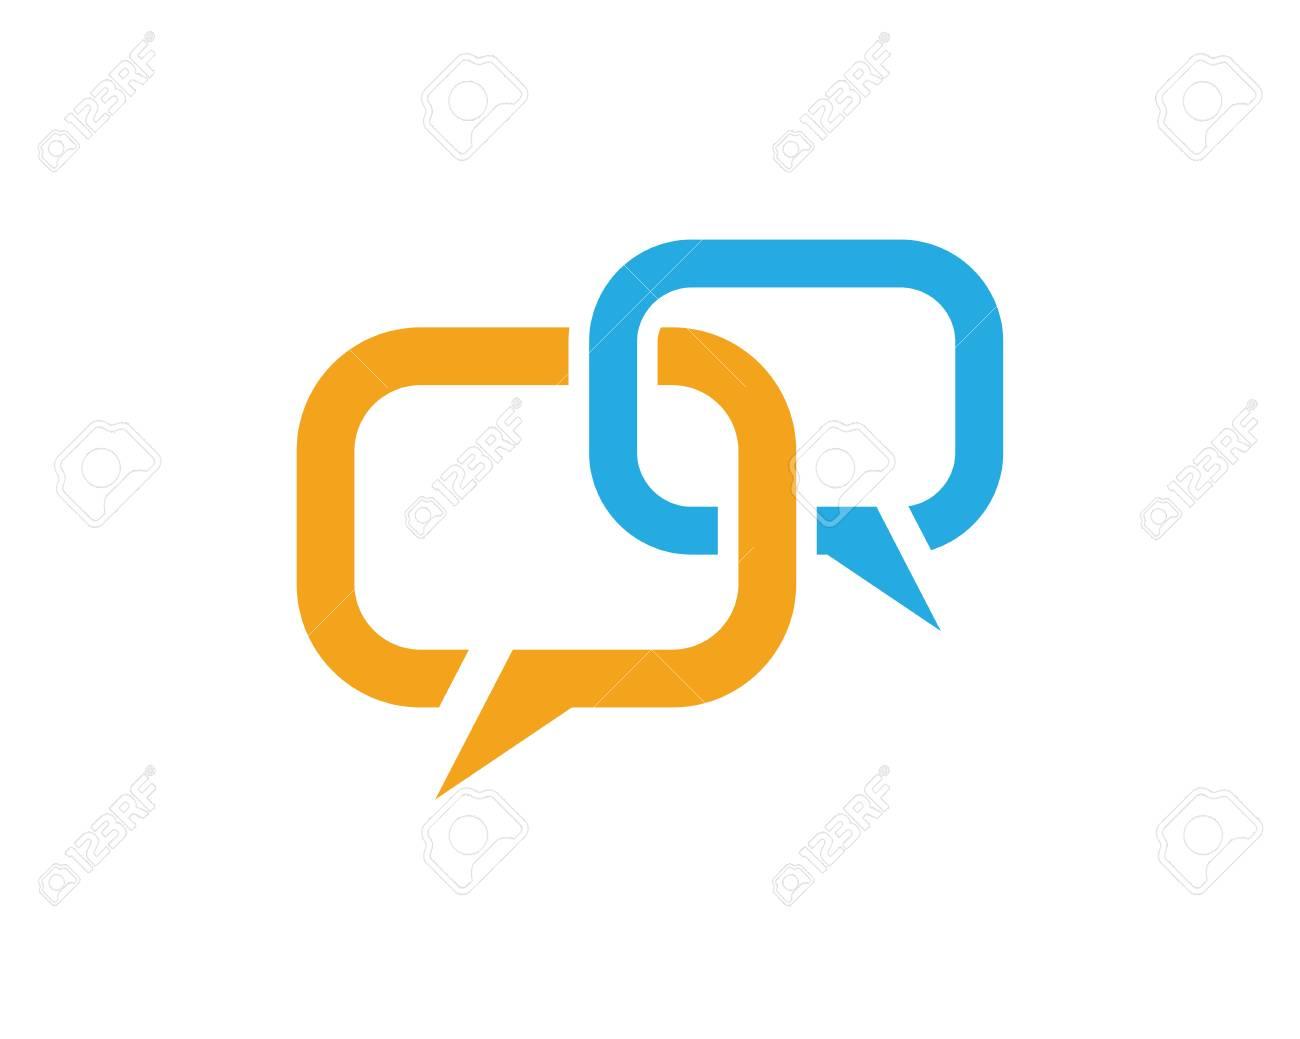 359e3372f1f1ed Speech bubble icon Logo template vector illustration Stock Vector - 85190270